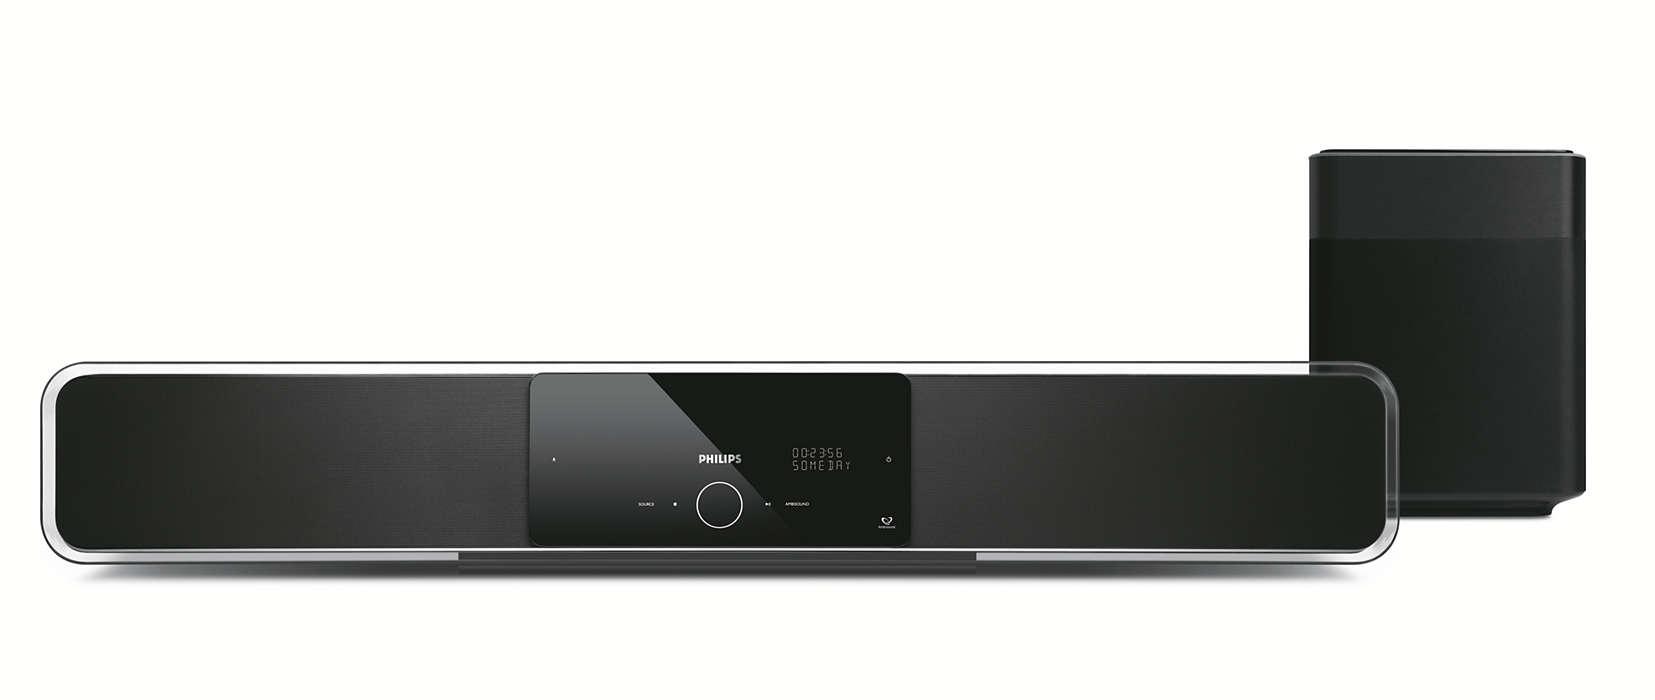 SoundBar, una nueva dimensión